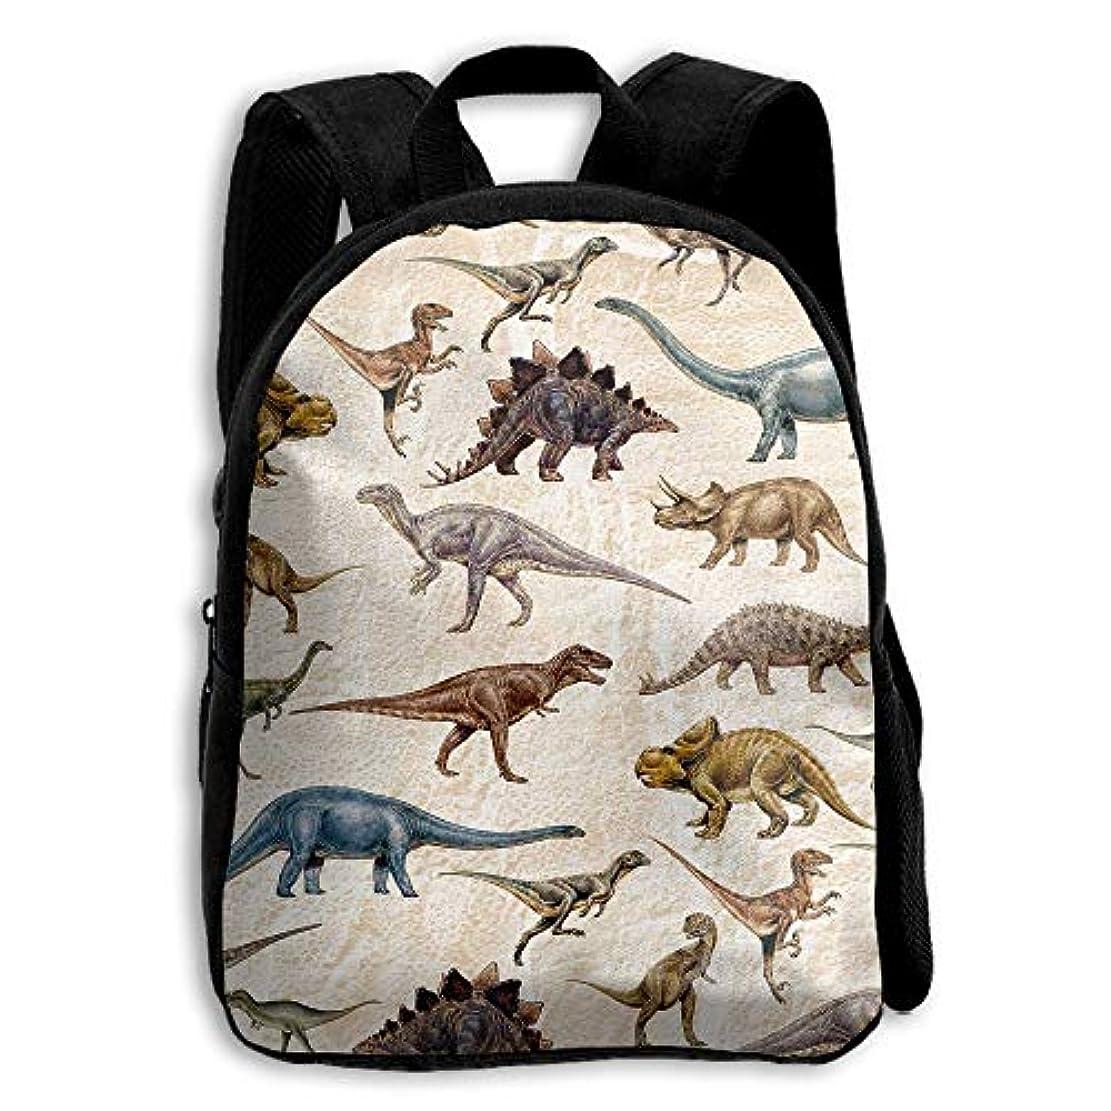 とげのある応用学部キッズ バックパック 子供用 リュックサック 恐竜パターン ショルダー デイパック アウトドア 男の子 女の子 通学 旅行 遠足